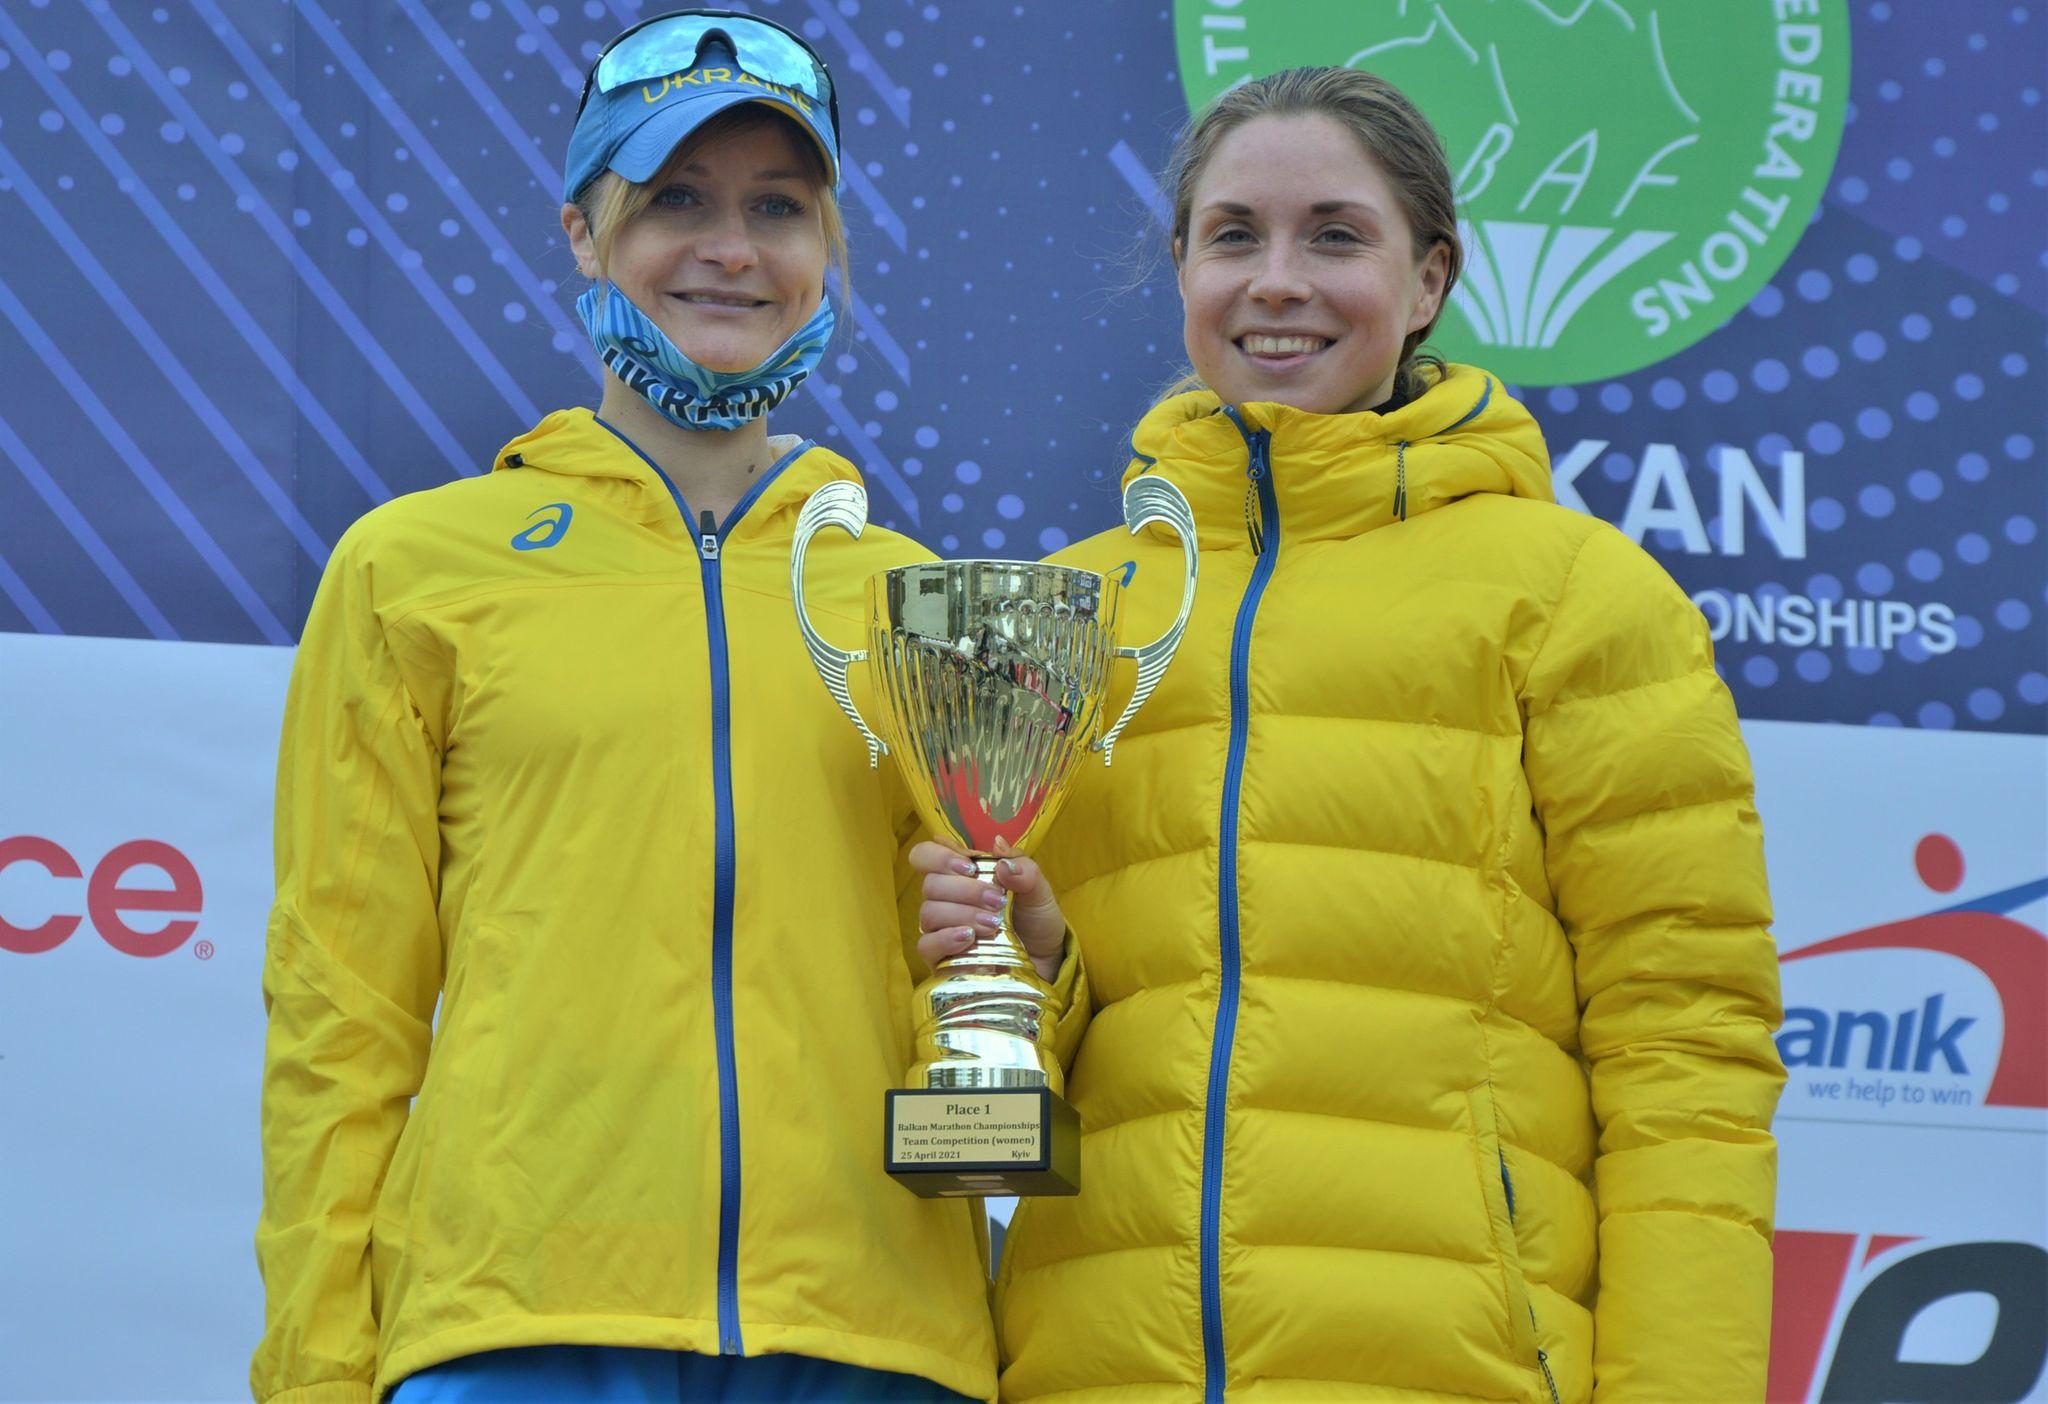 чемпіонат Балканських легкоатлетичних федерацій, Київ. фото